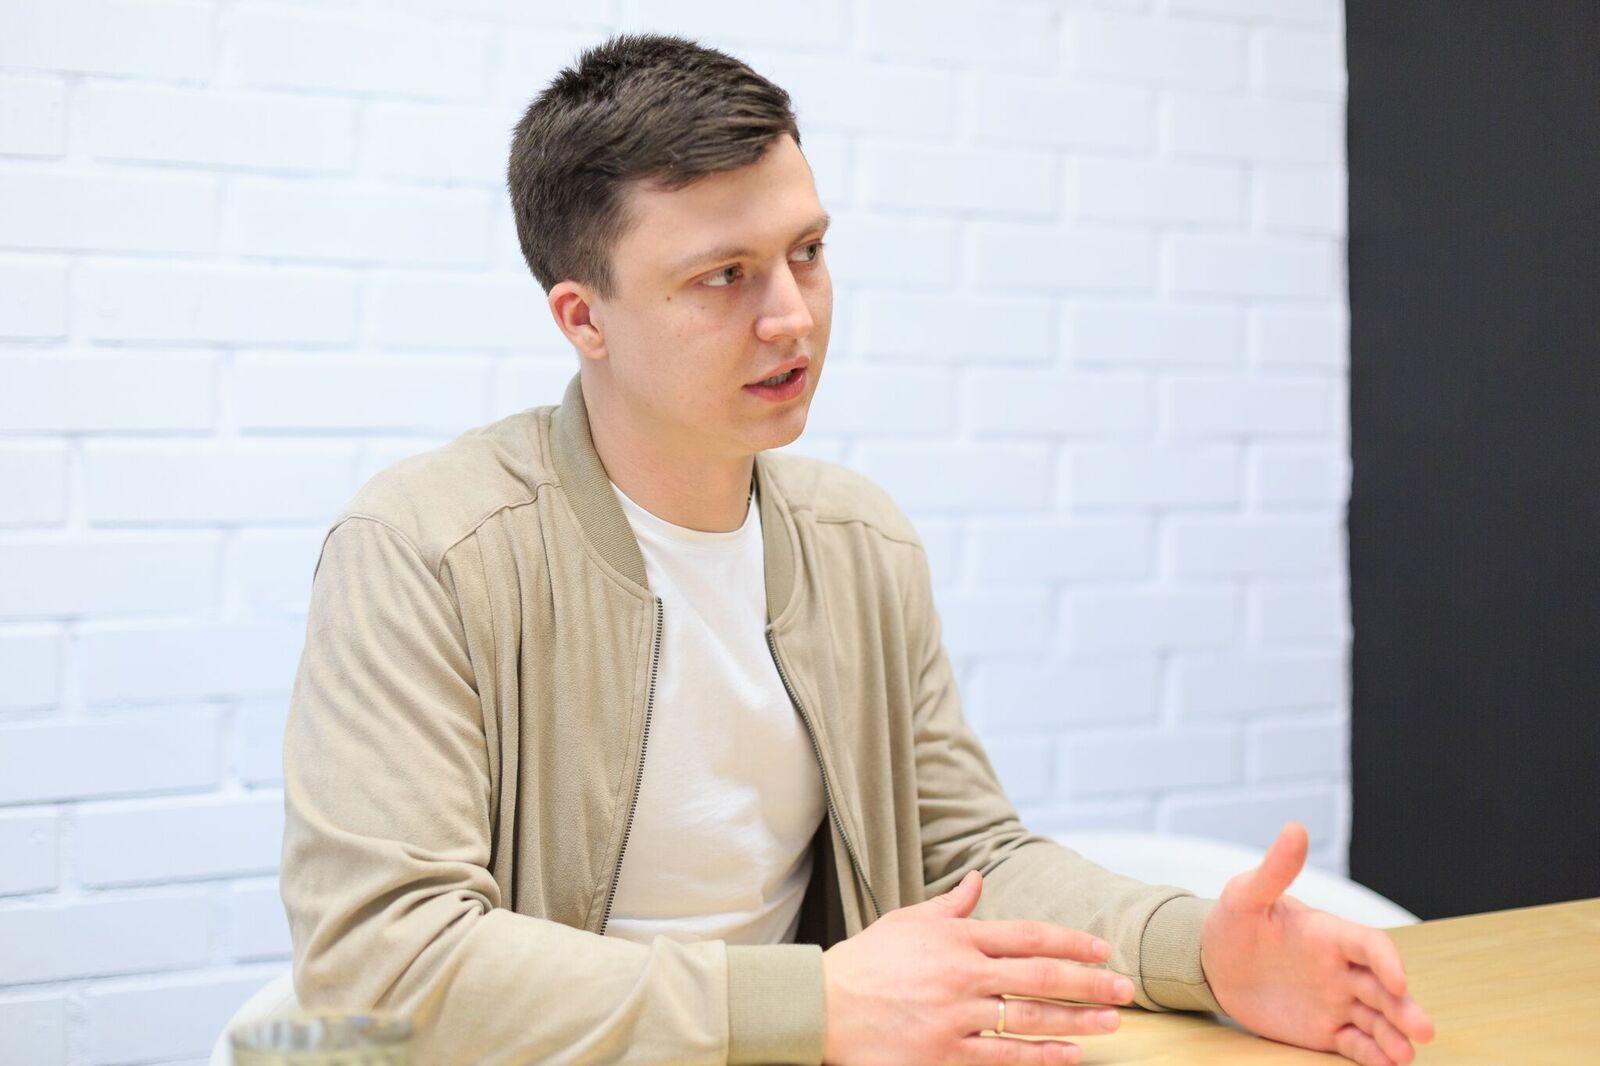 Артем Майдан, основатель образовательной компании PRIZMA и президент клуба предпринимателей «Трансформатор»